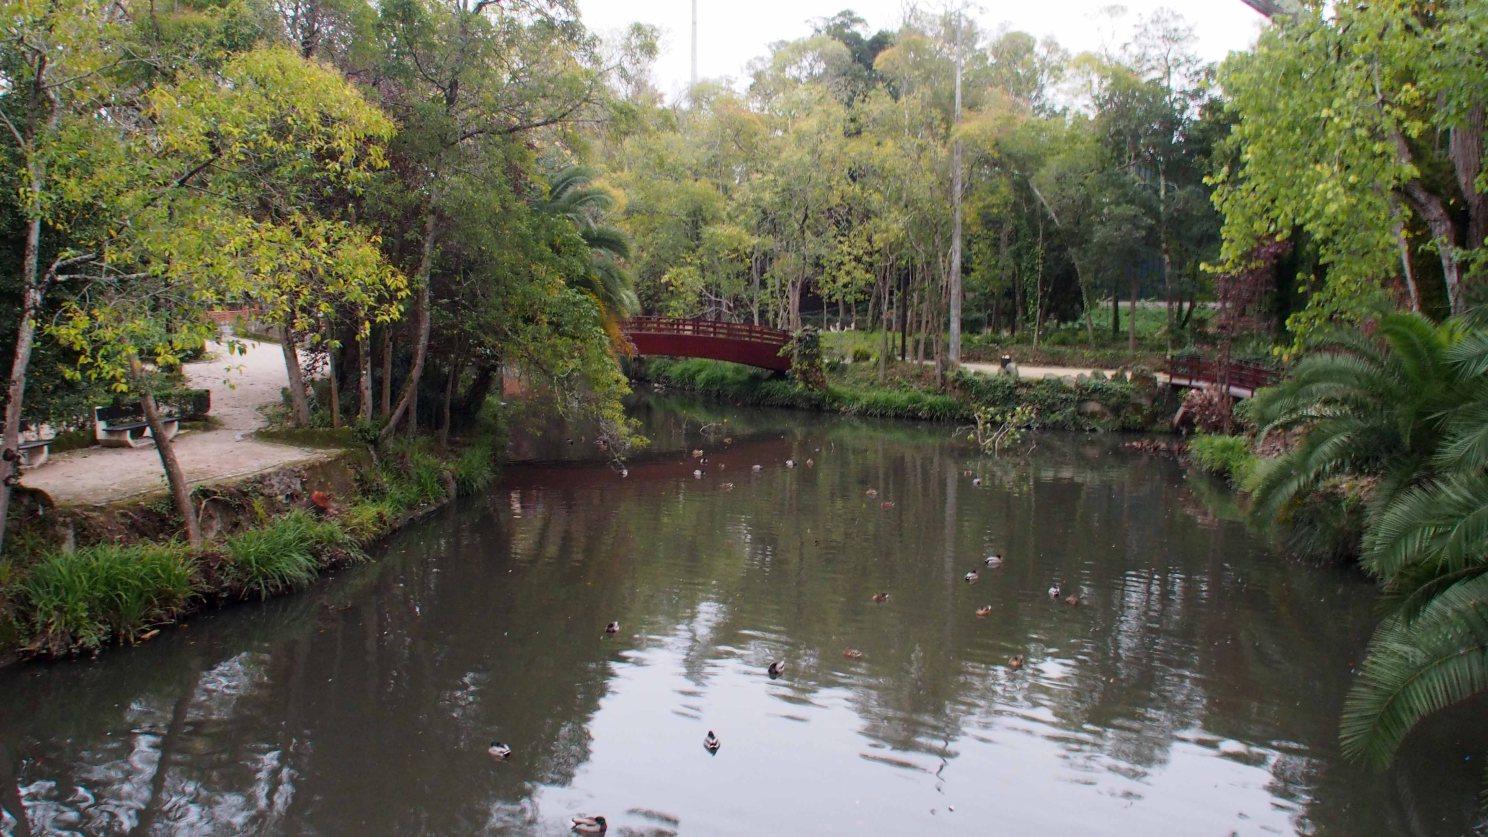 Parque-Infante-Dom-Pedro-Aveiro